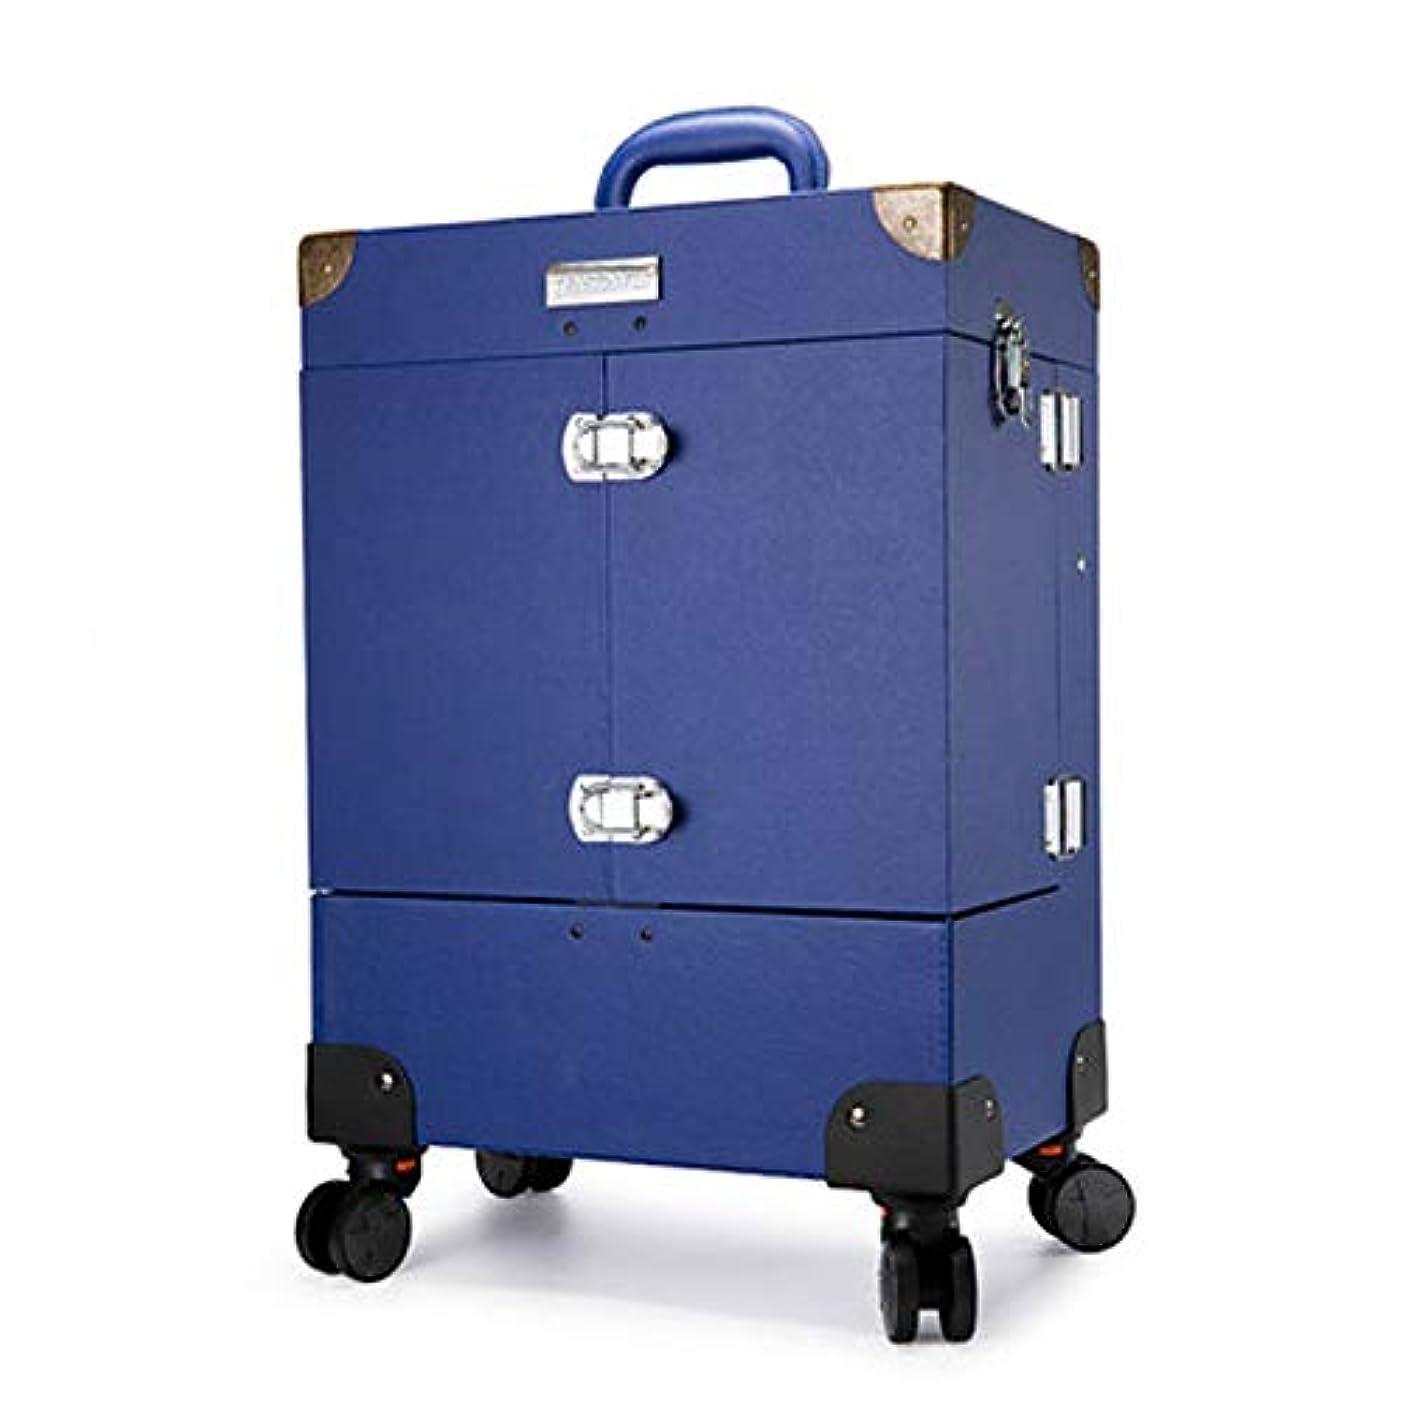 ゆり相手使い込むプロ専用 ネイリスト クローゼット スーツケース ネイル収納 メイクボックス キャリーバッグ ヘアメイク ネイル 大容量 軽量 高品質 多機能 プロ I-JL-3505T-BL